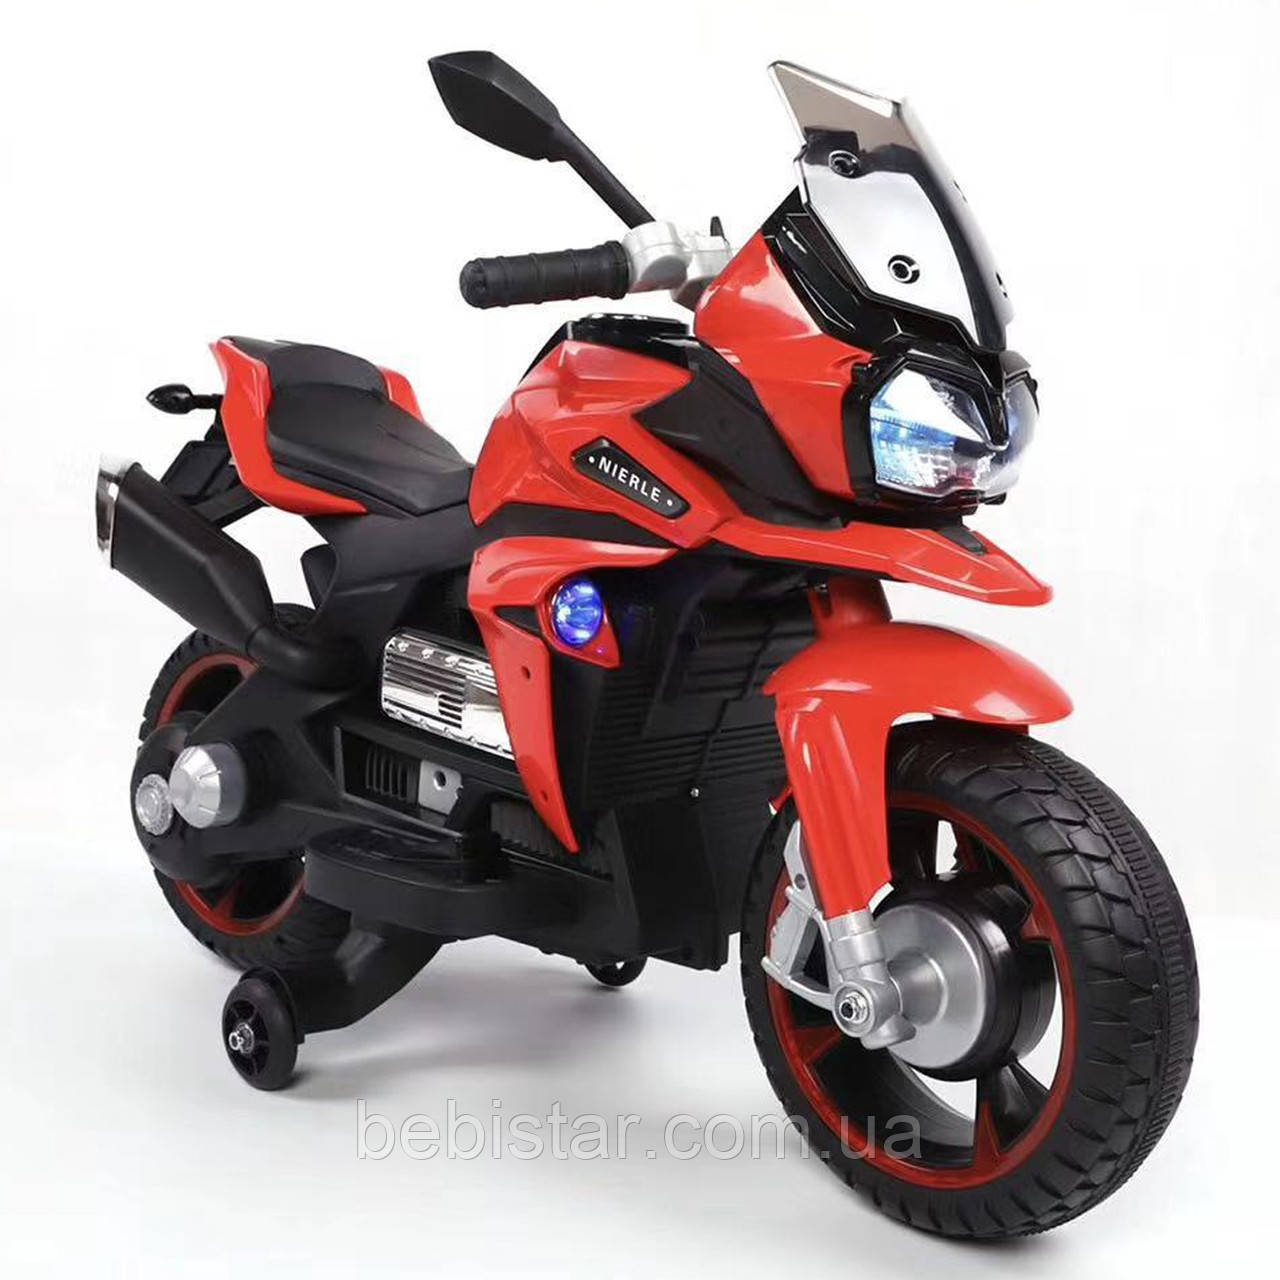 Мотоцикл акумуляторний дитячий червоний від 3-х до 6-ти років світяться фари розмір 97х65х53см